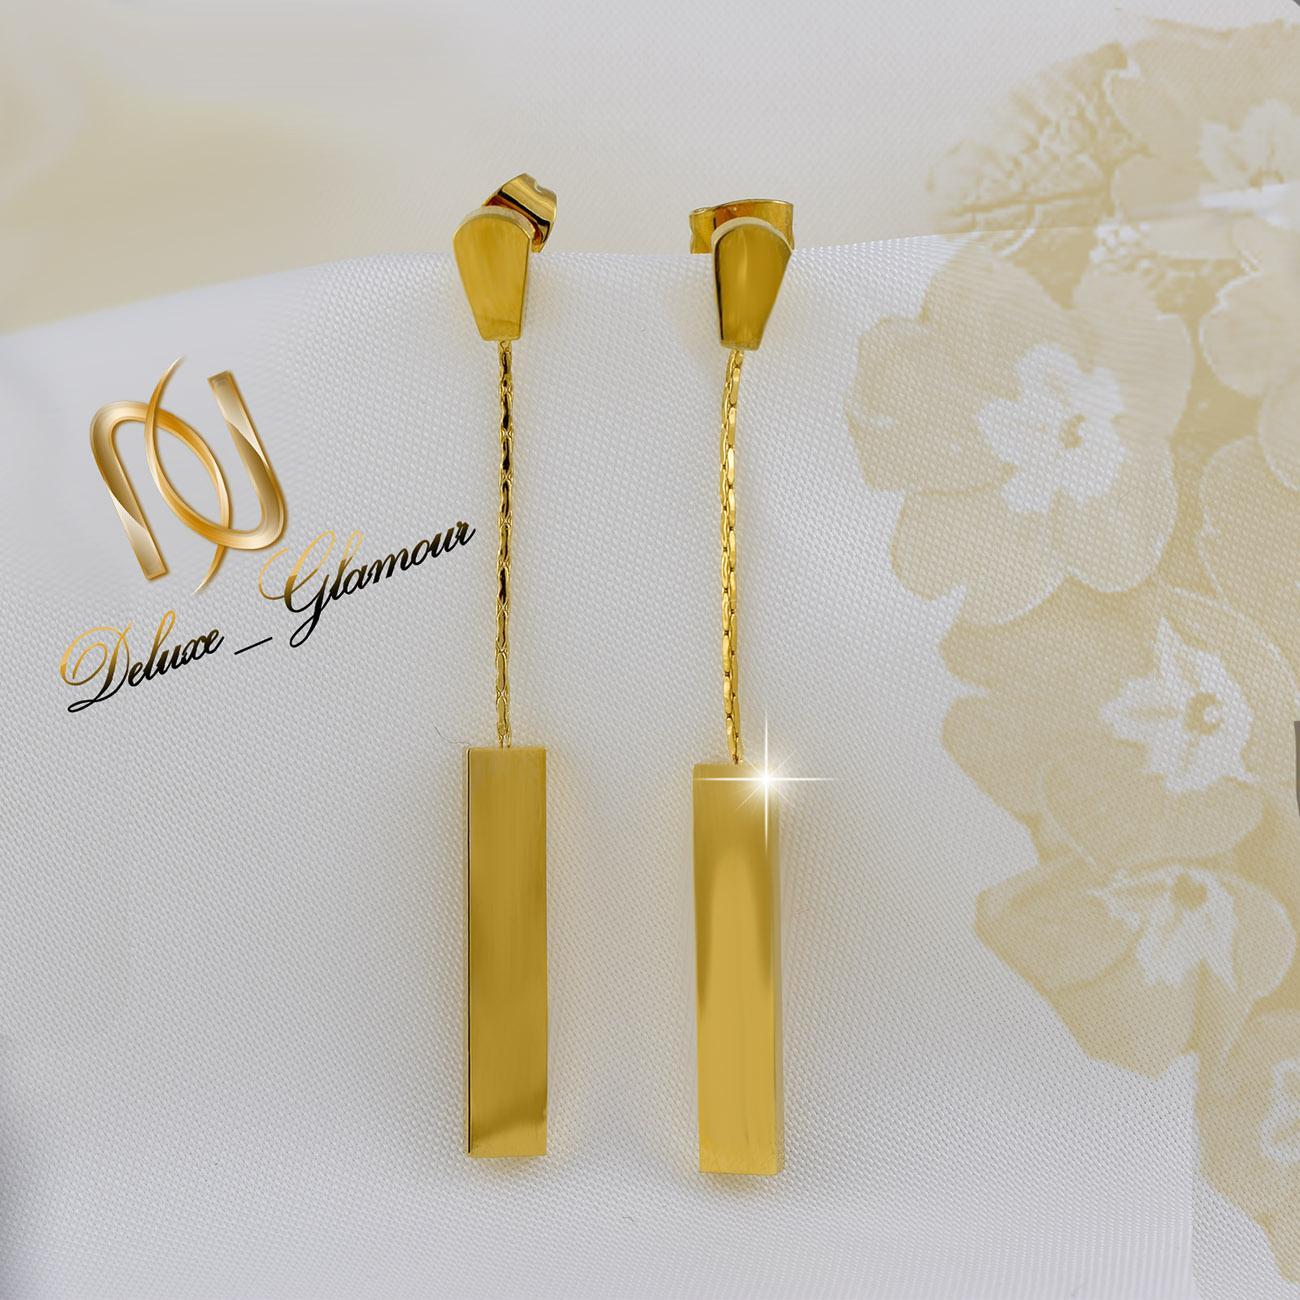 گوشواره آویزی طلایی بلند با قفل میخی er-n155 از نمای روبرو